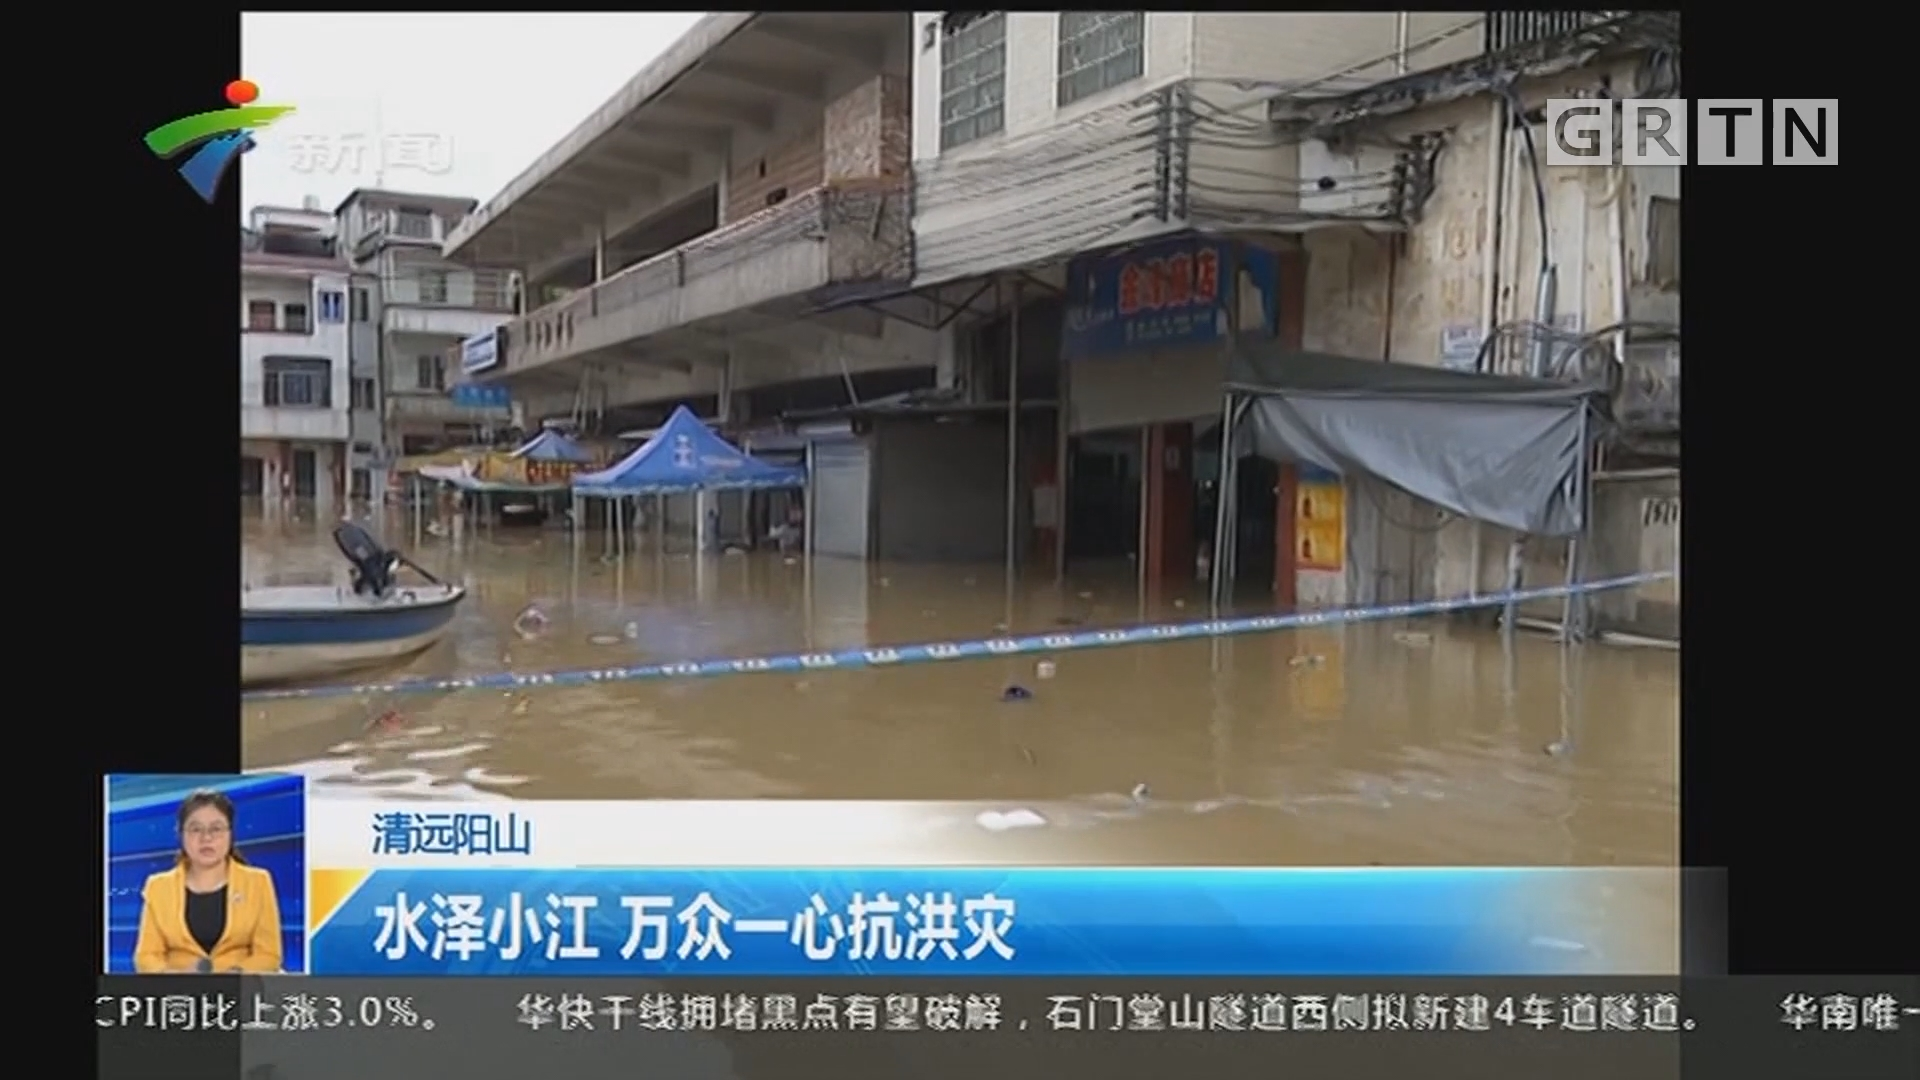 清远阳山:水泽小江 万众一心抗洪灾